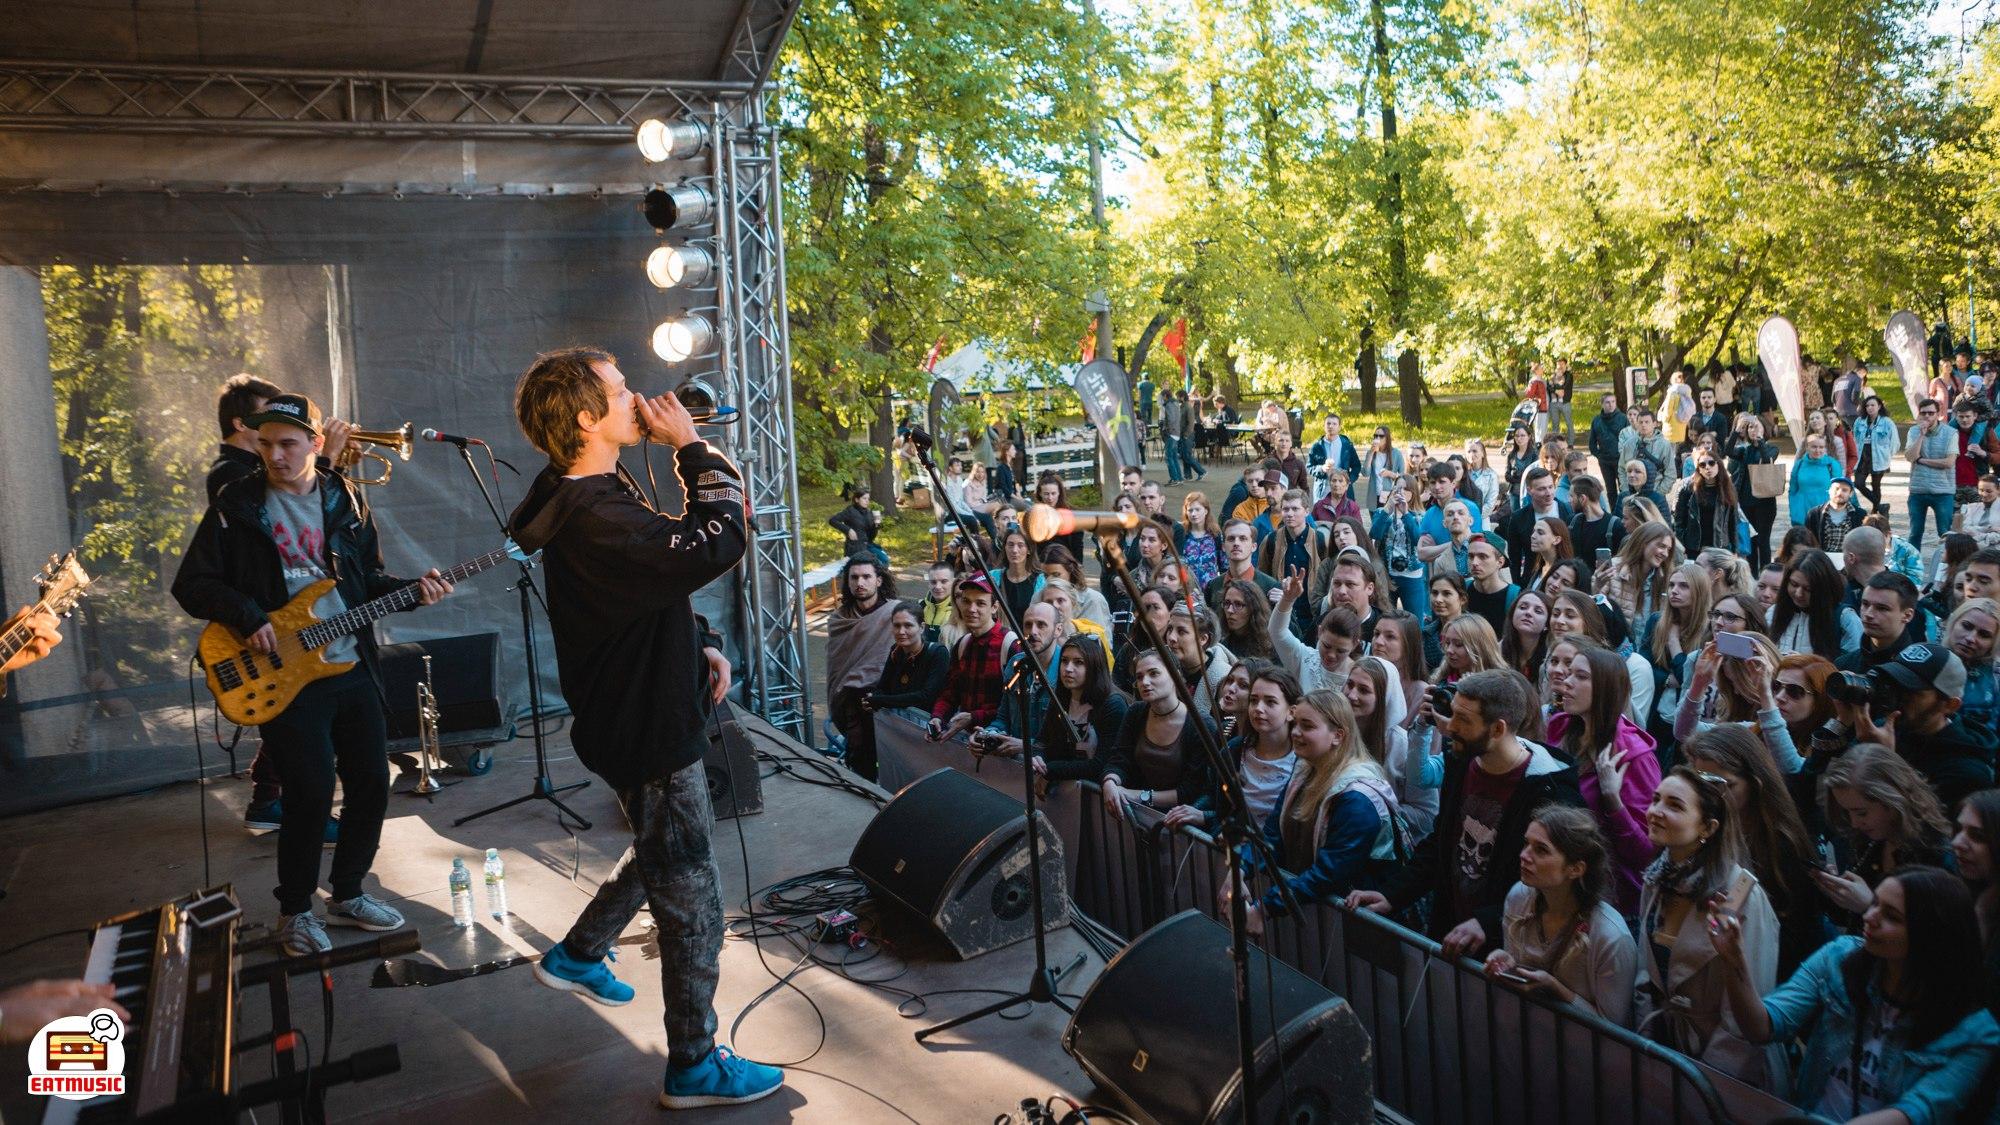 27-28/05/17 МосВегФест Фотограф - Михаил Кириллов